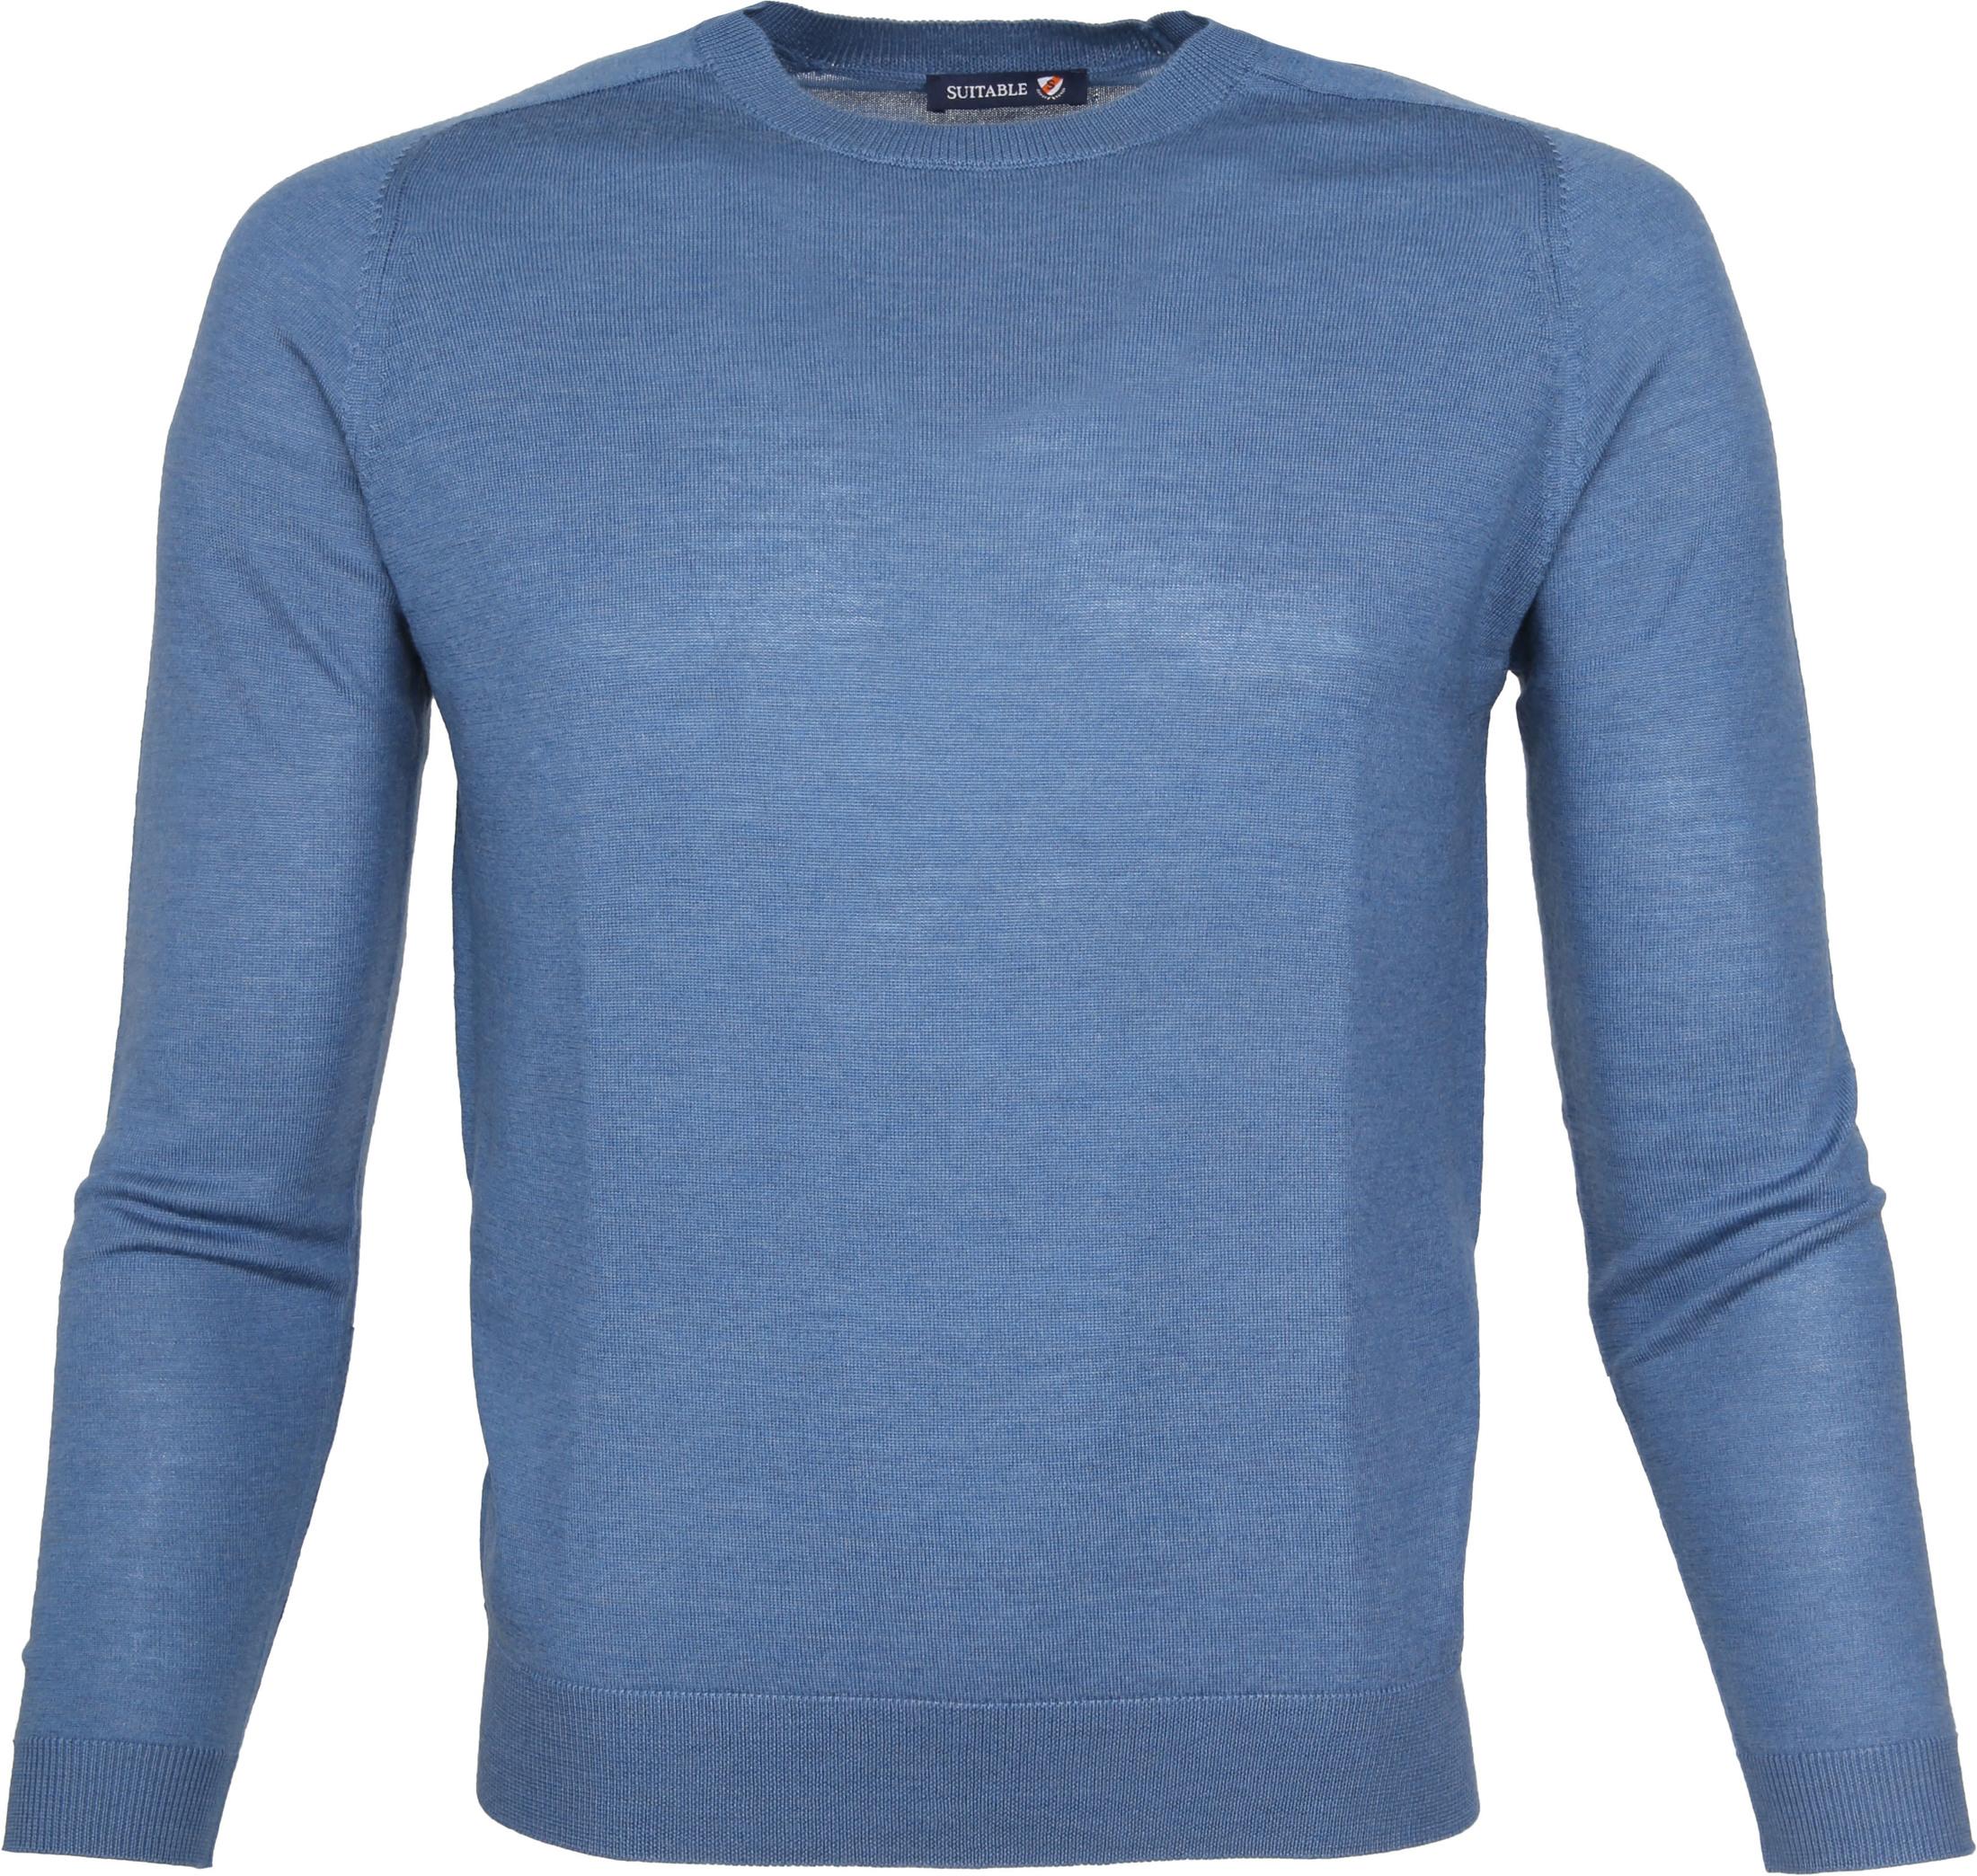 Suitable Pullover Merino Blauw foto 0